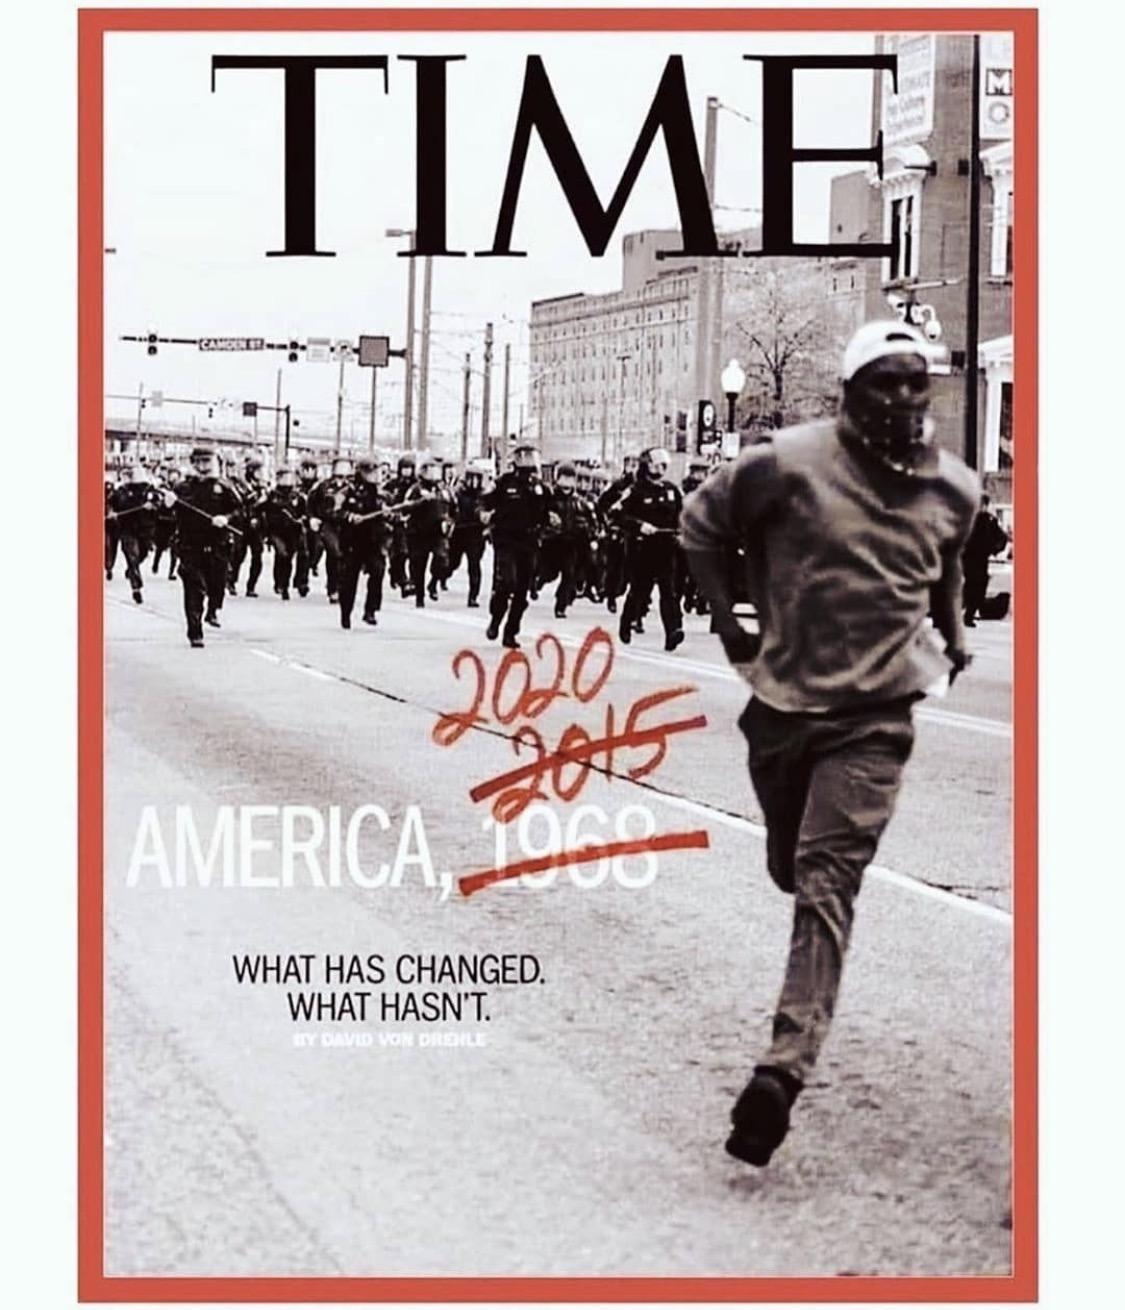 詹姆斯妻子转发《时代》封面:我无法接受